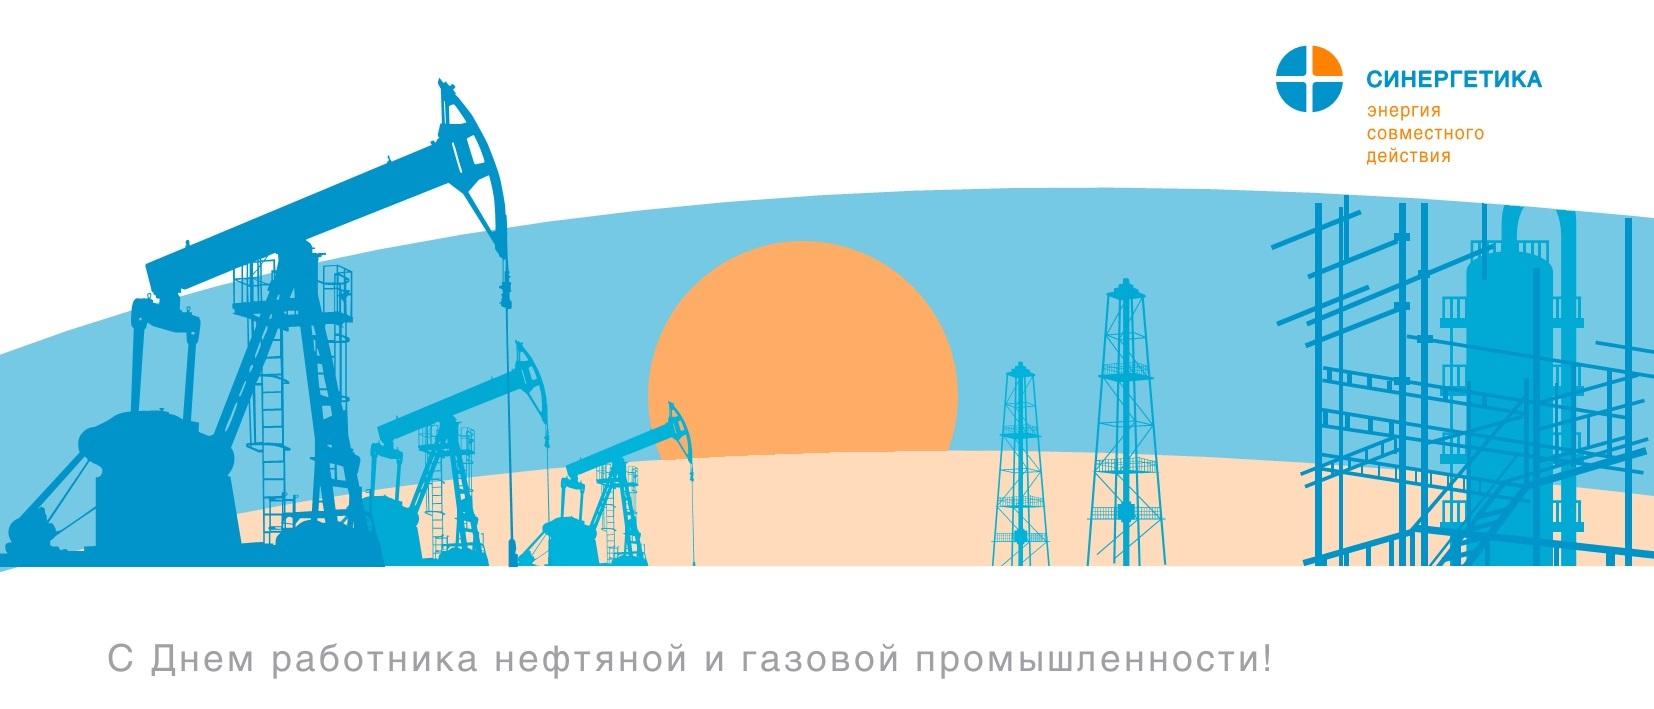 Поздравляем с Днем работника нефтяной и газовой промышленности! открытки фото рисунки картинки поздравления